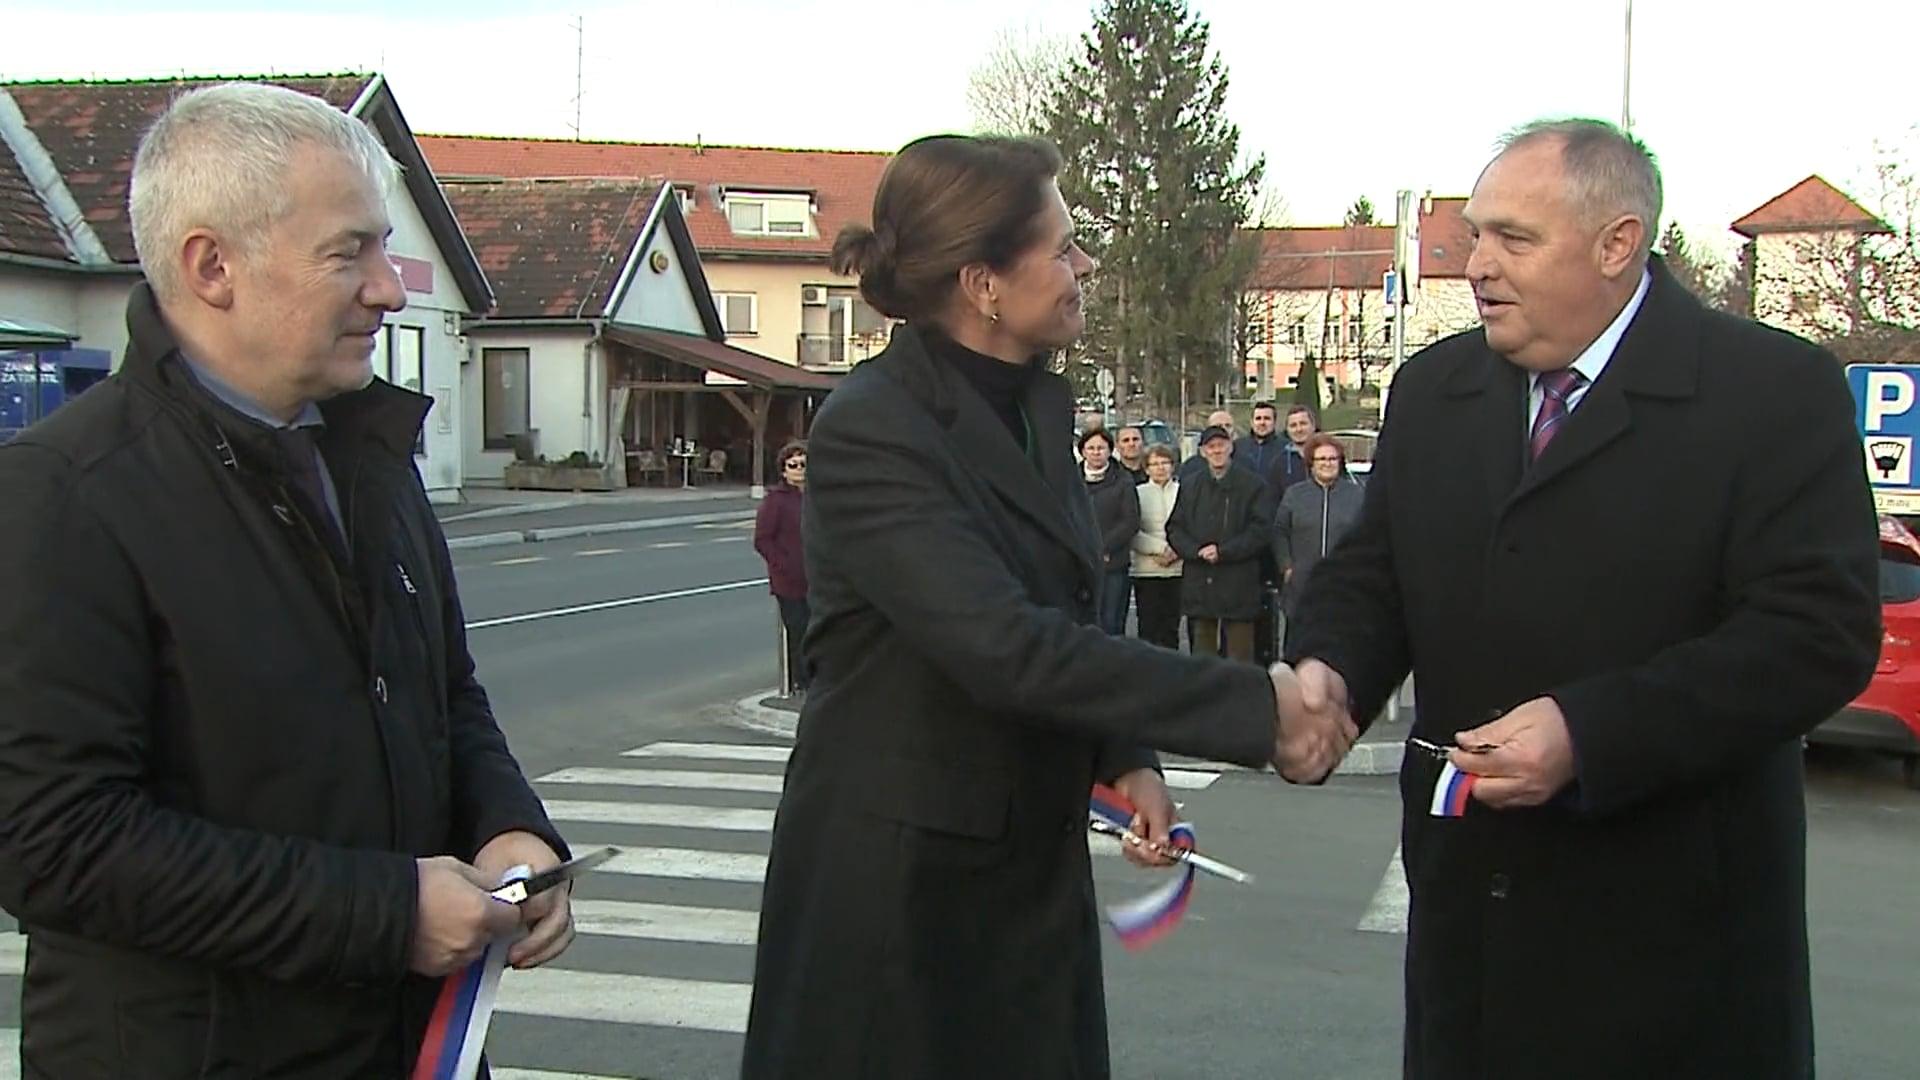 Uradno odprtje ceste spremljala predsednik in ministrica